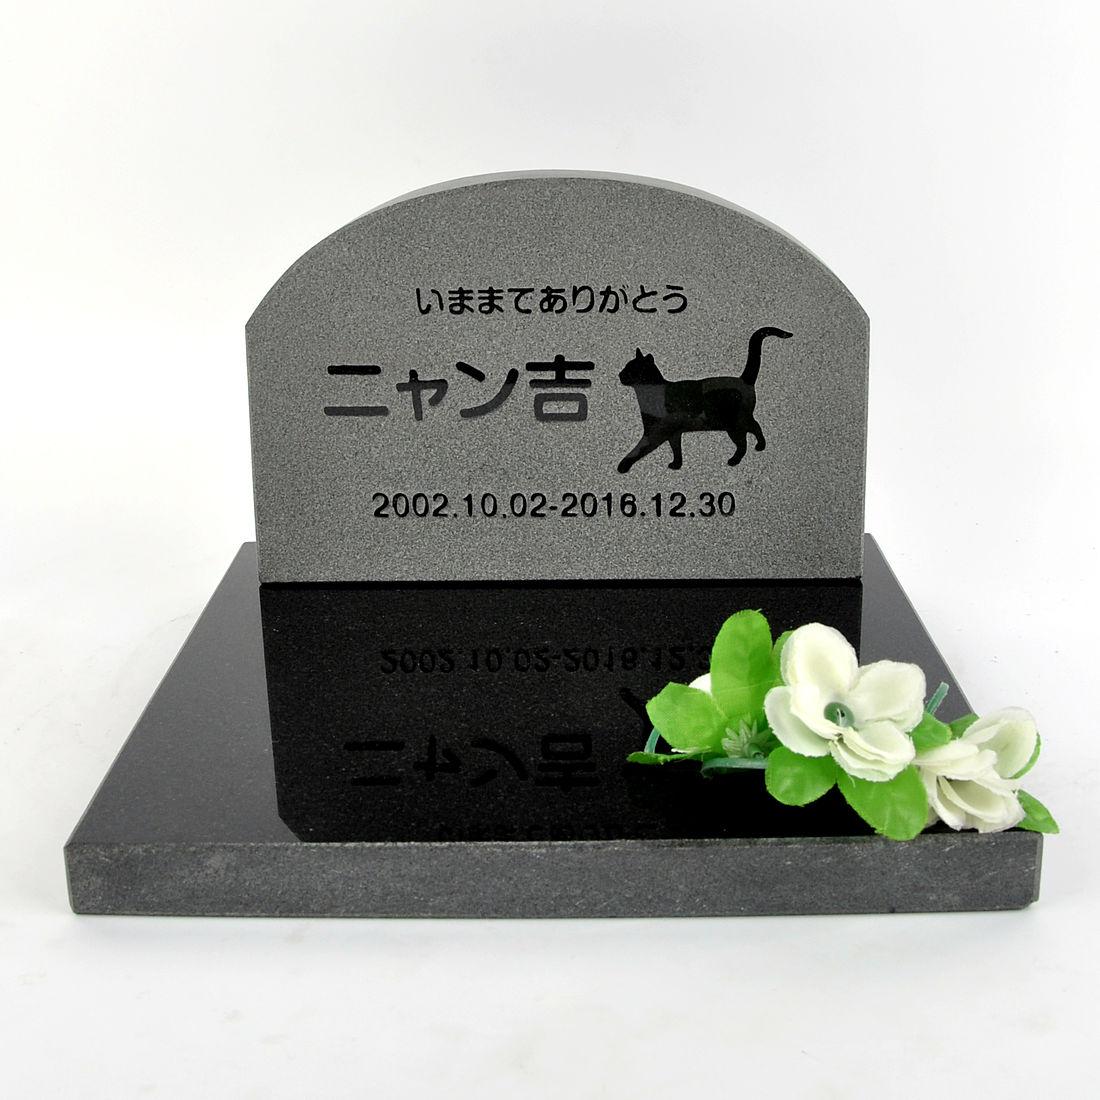 Pet&Love. ペットのお墓 天然石製 セット型 御影石 ブラック アーチ 浮き彫り  【HLS_DU】【楽ギフ_名入れ】 attr131attr ctgr2ctgr sml3sml+ctgr2ctgr CAT